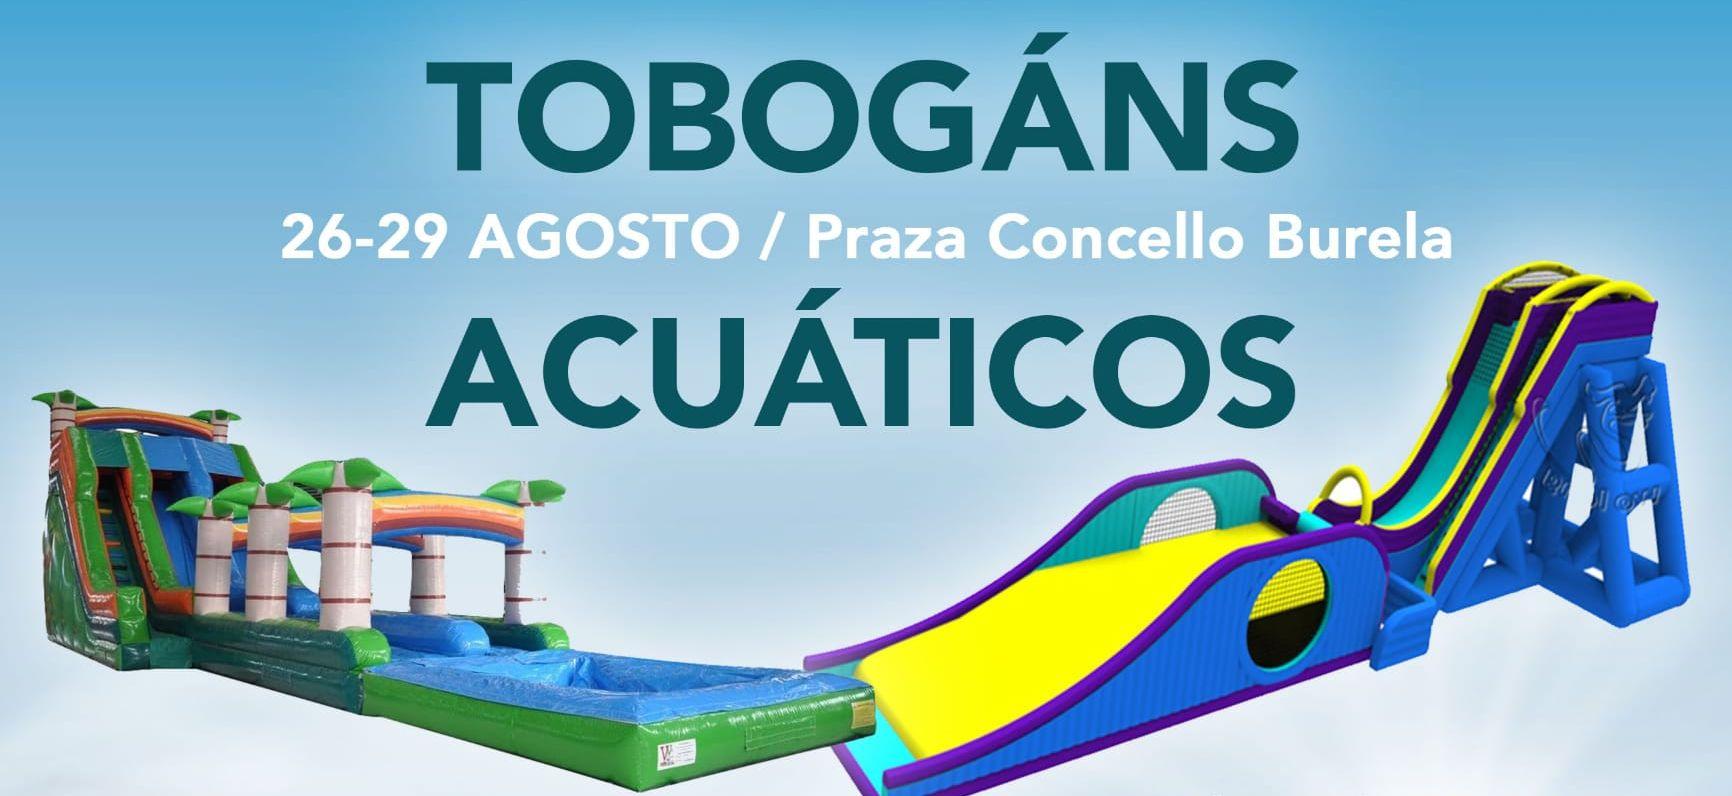 Dous tobogáns acuáticos encherán de diversión a Praza do Concello de Burela desde este xoves ata o domingo